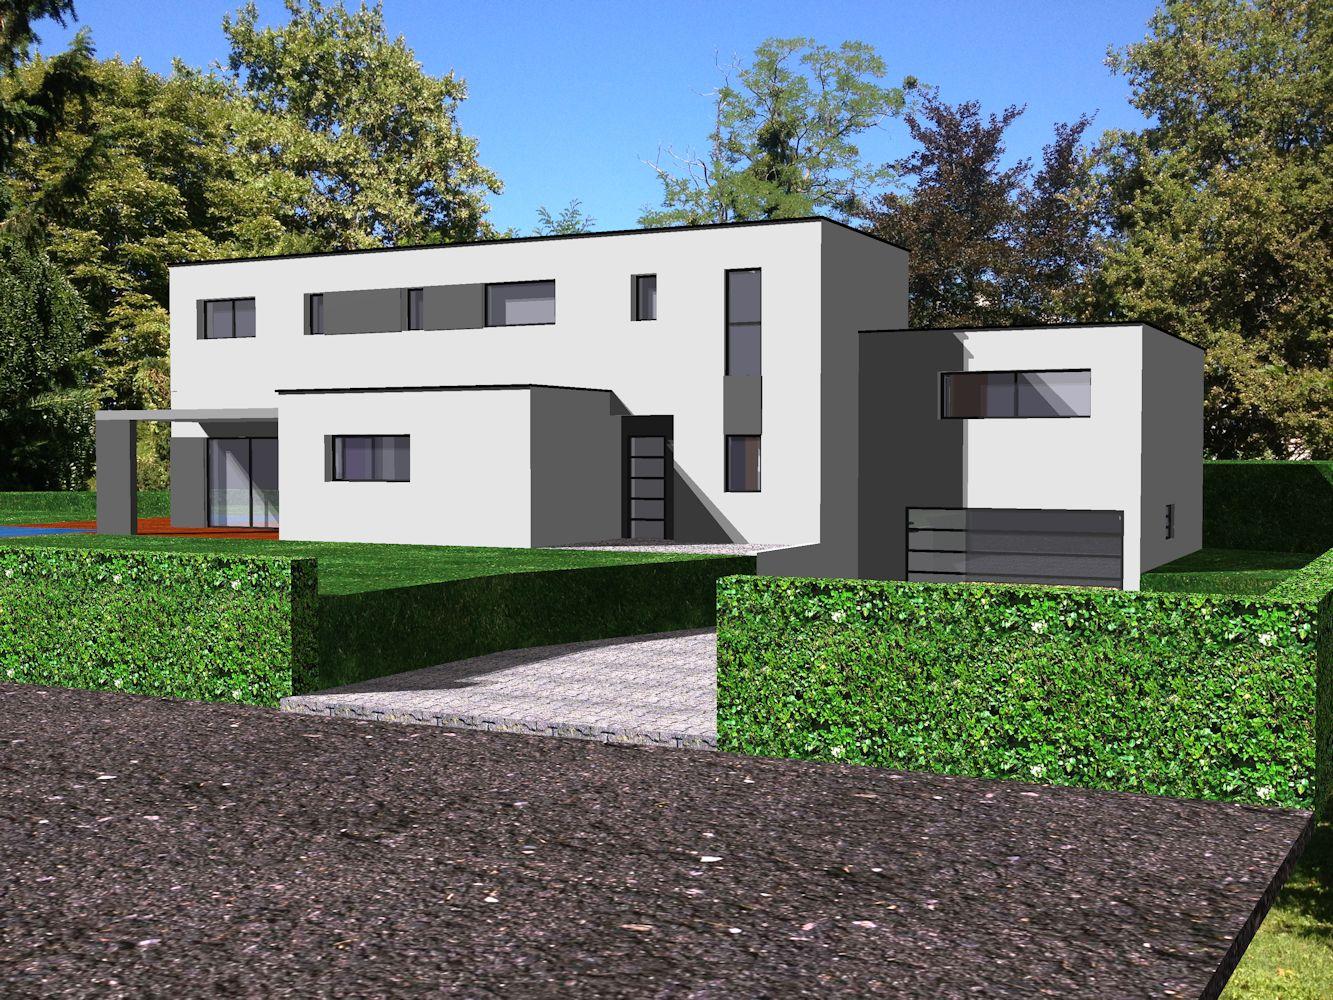 La maison du rhone villefranche sur saone segu maison for Maison moderne 69